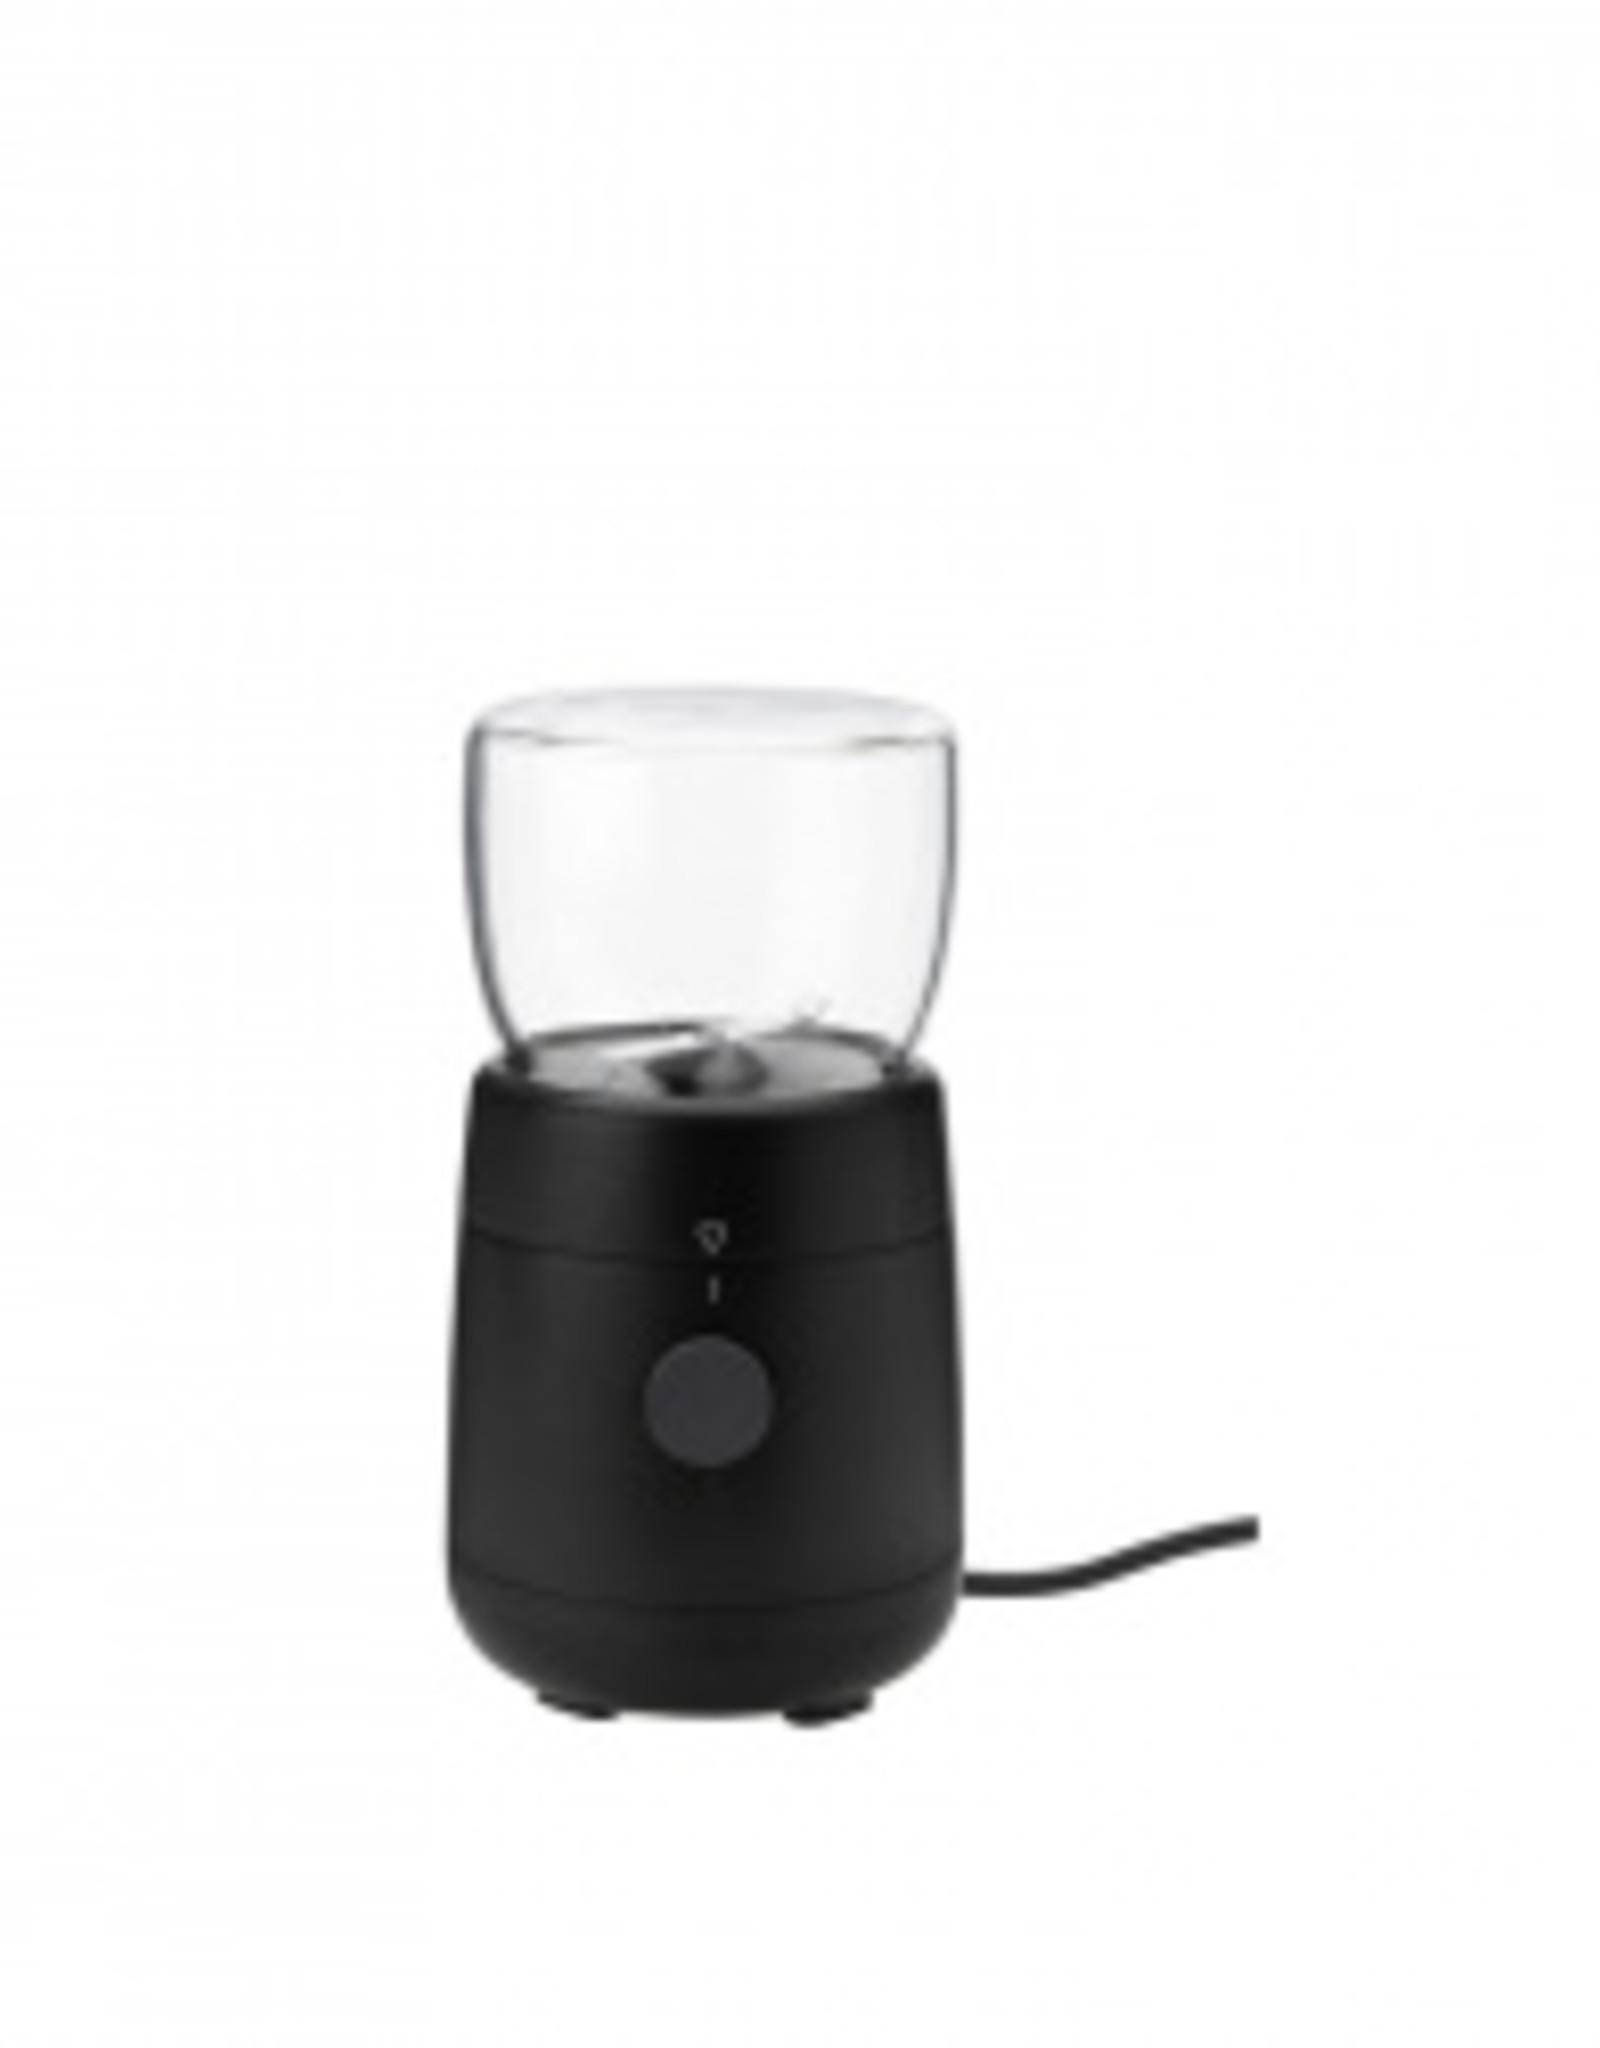 RIG-TIG by Stelton Rig-Tig Foodie Elektrische koffiemolen zwart